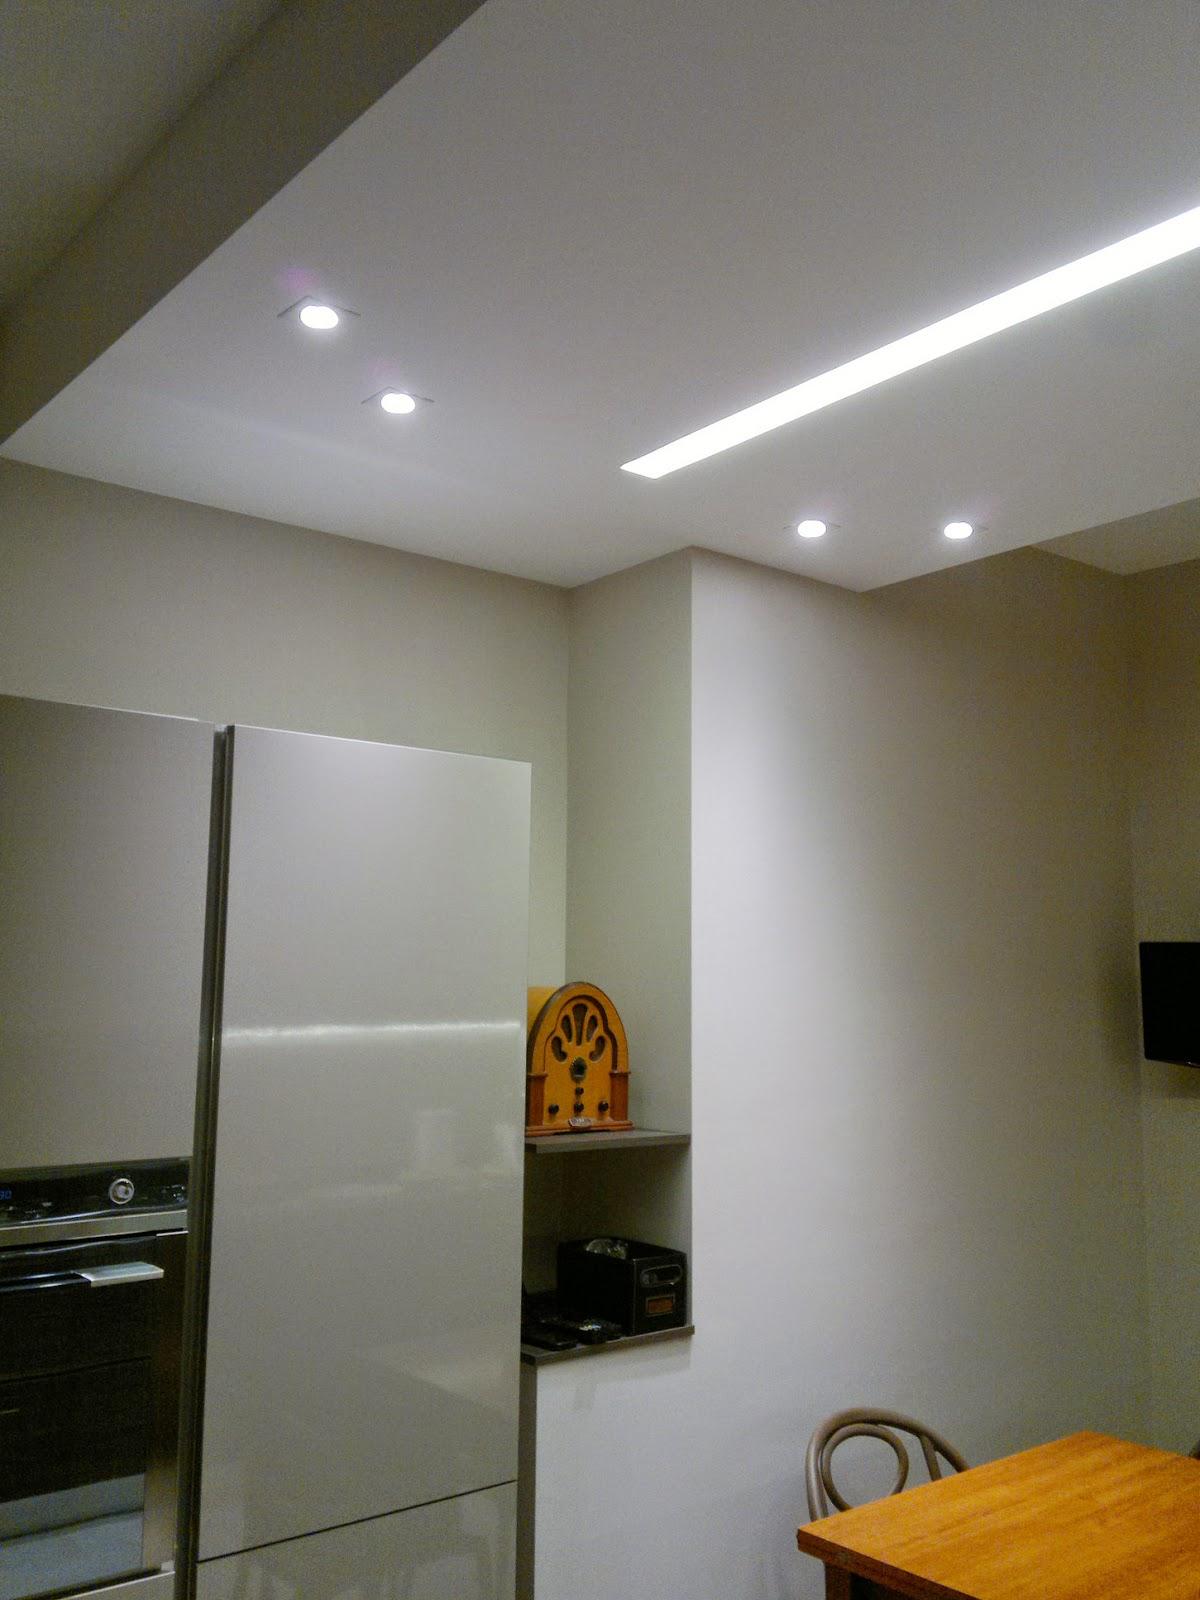 Illuminazione led casa settembre 2014 for Led per cucina